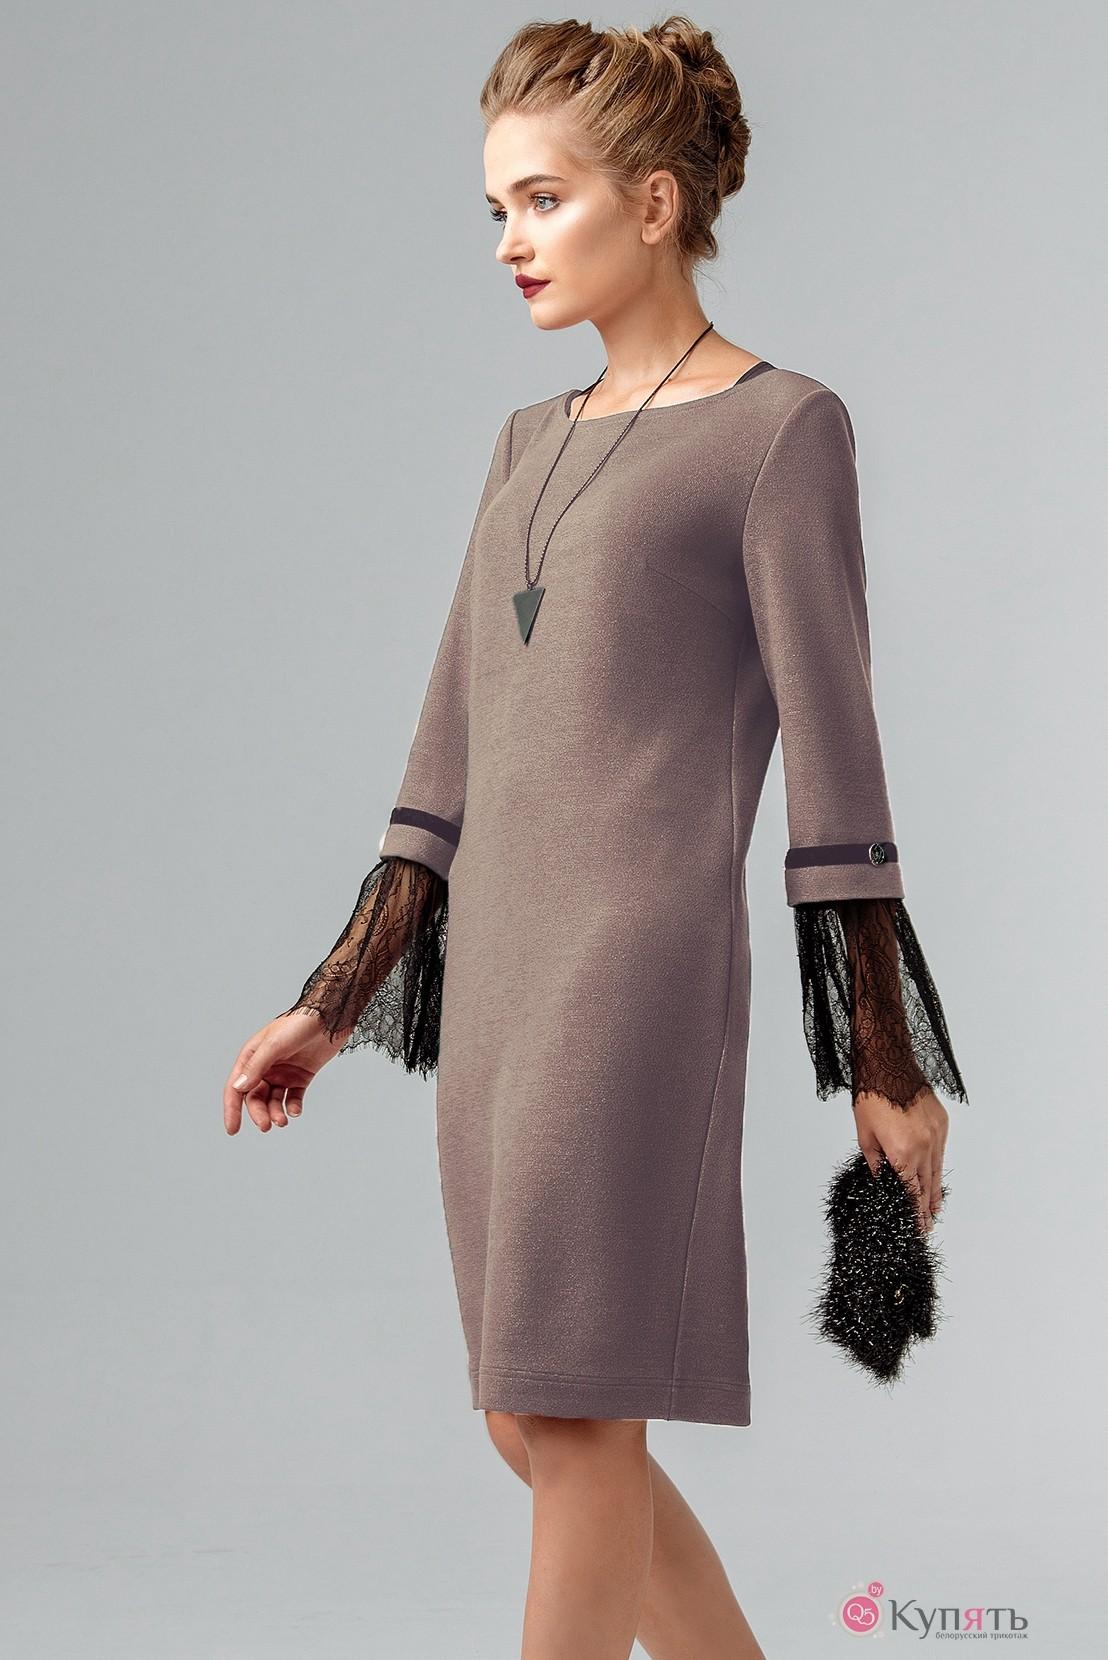 7d0359cfb43 Платье GIZART 7046 б - интернет-магазин женской одежды